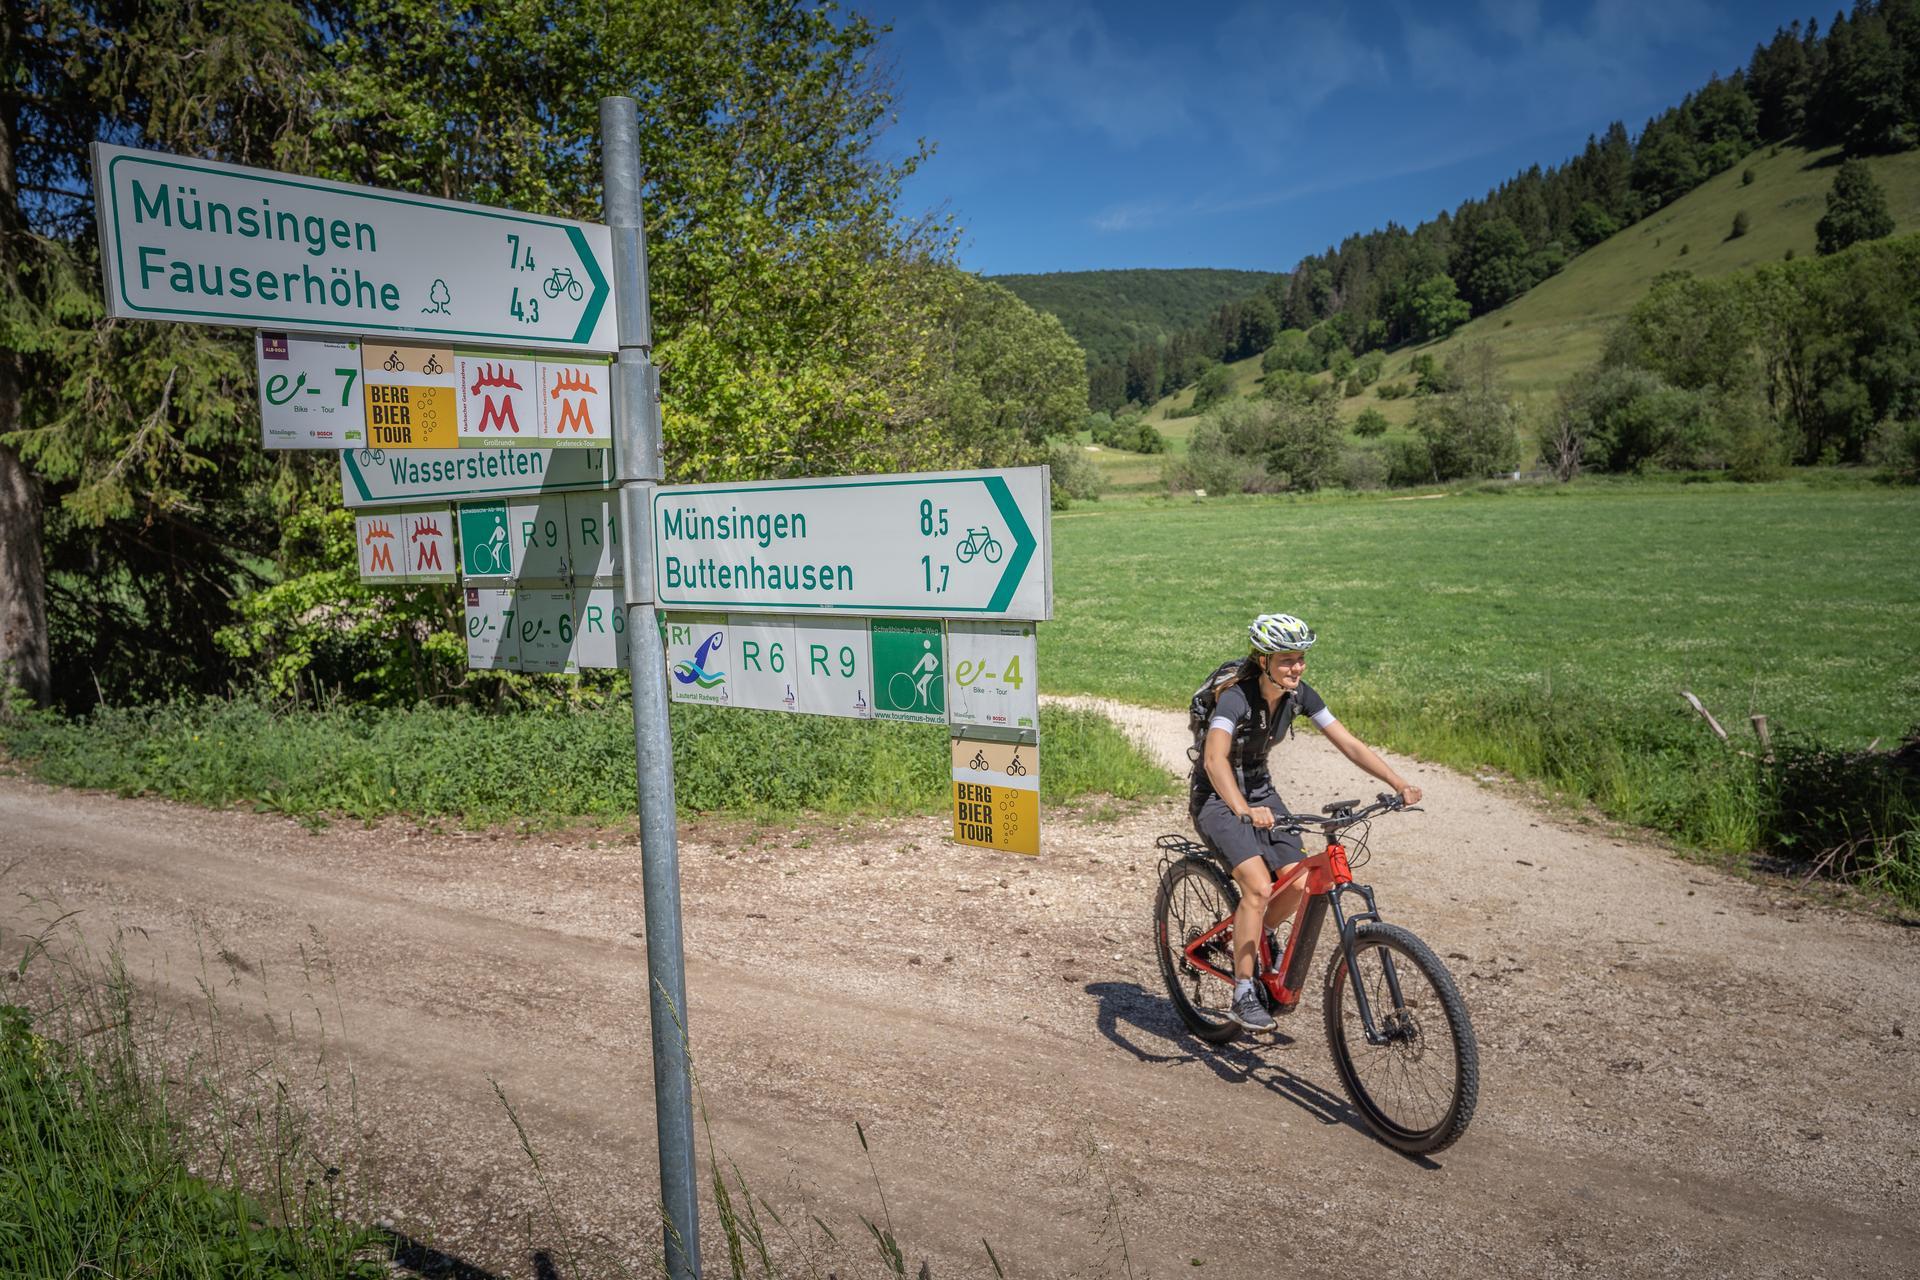 Ein*e Radfahrer*in fährt auf einem Schotterweg und biegt links an einer Gabelung ab. Im Vordergrund ist ein Schild/Radwegweiser.